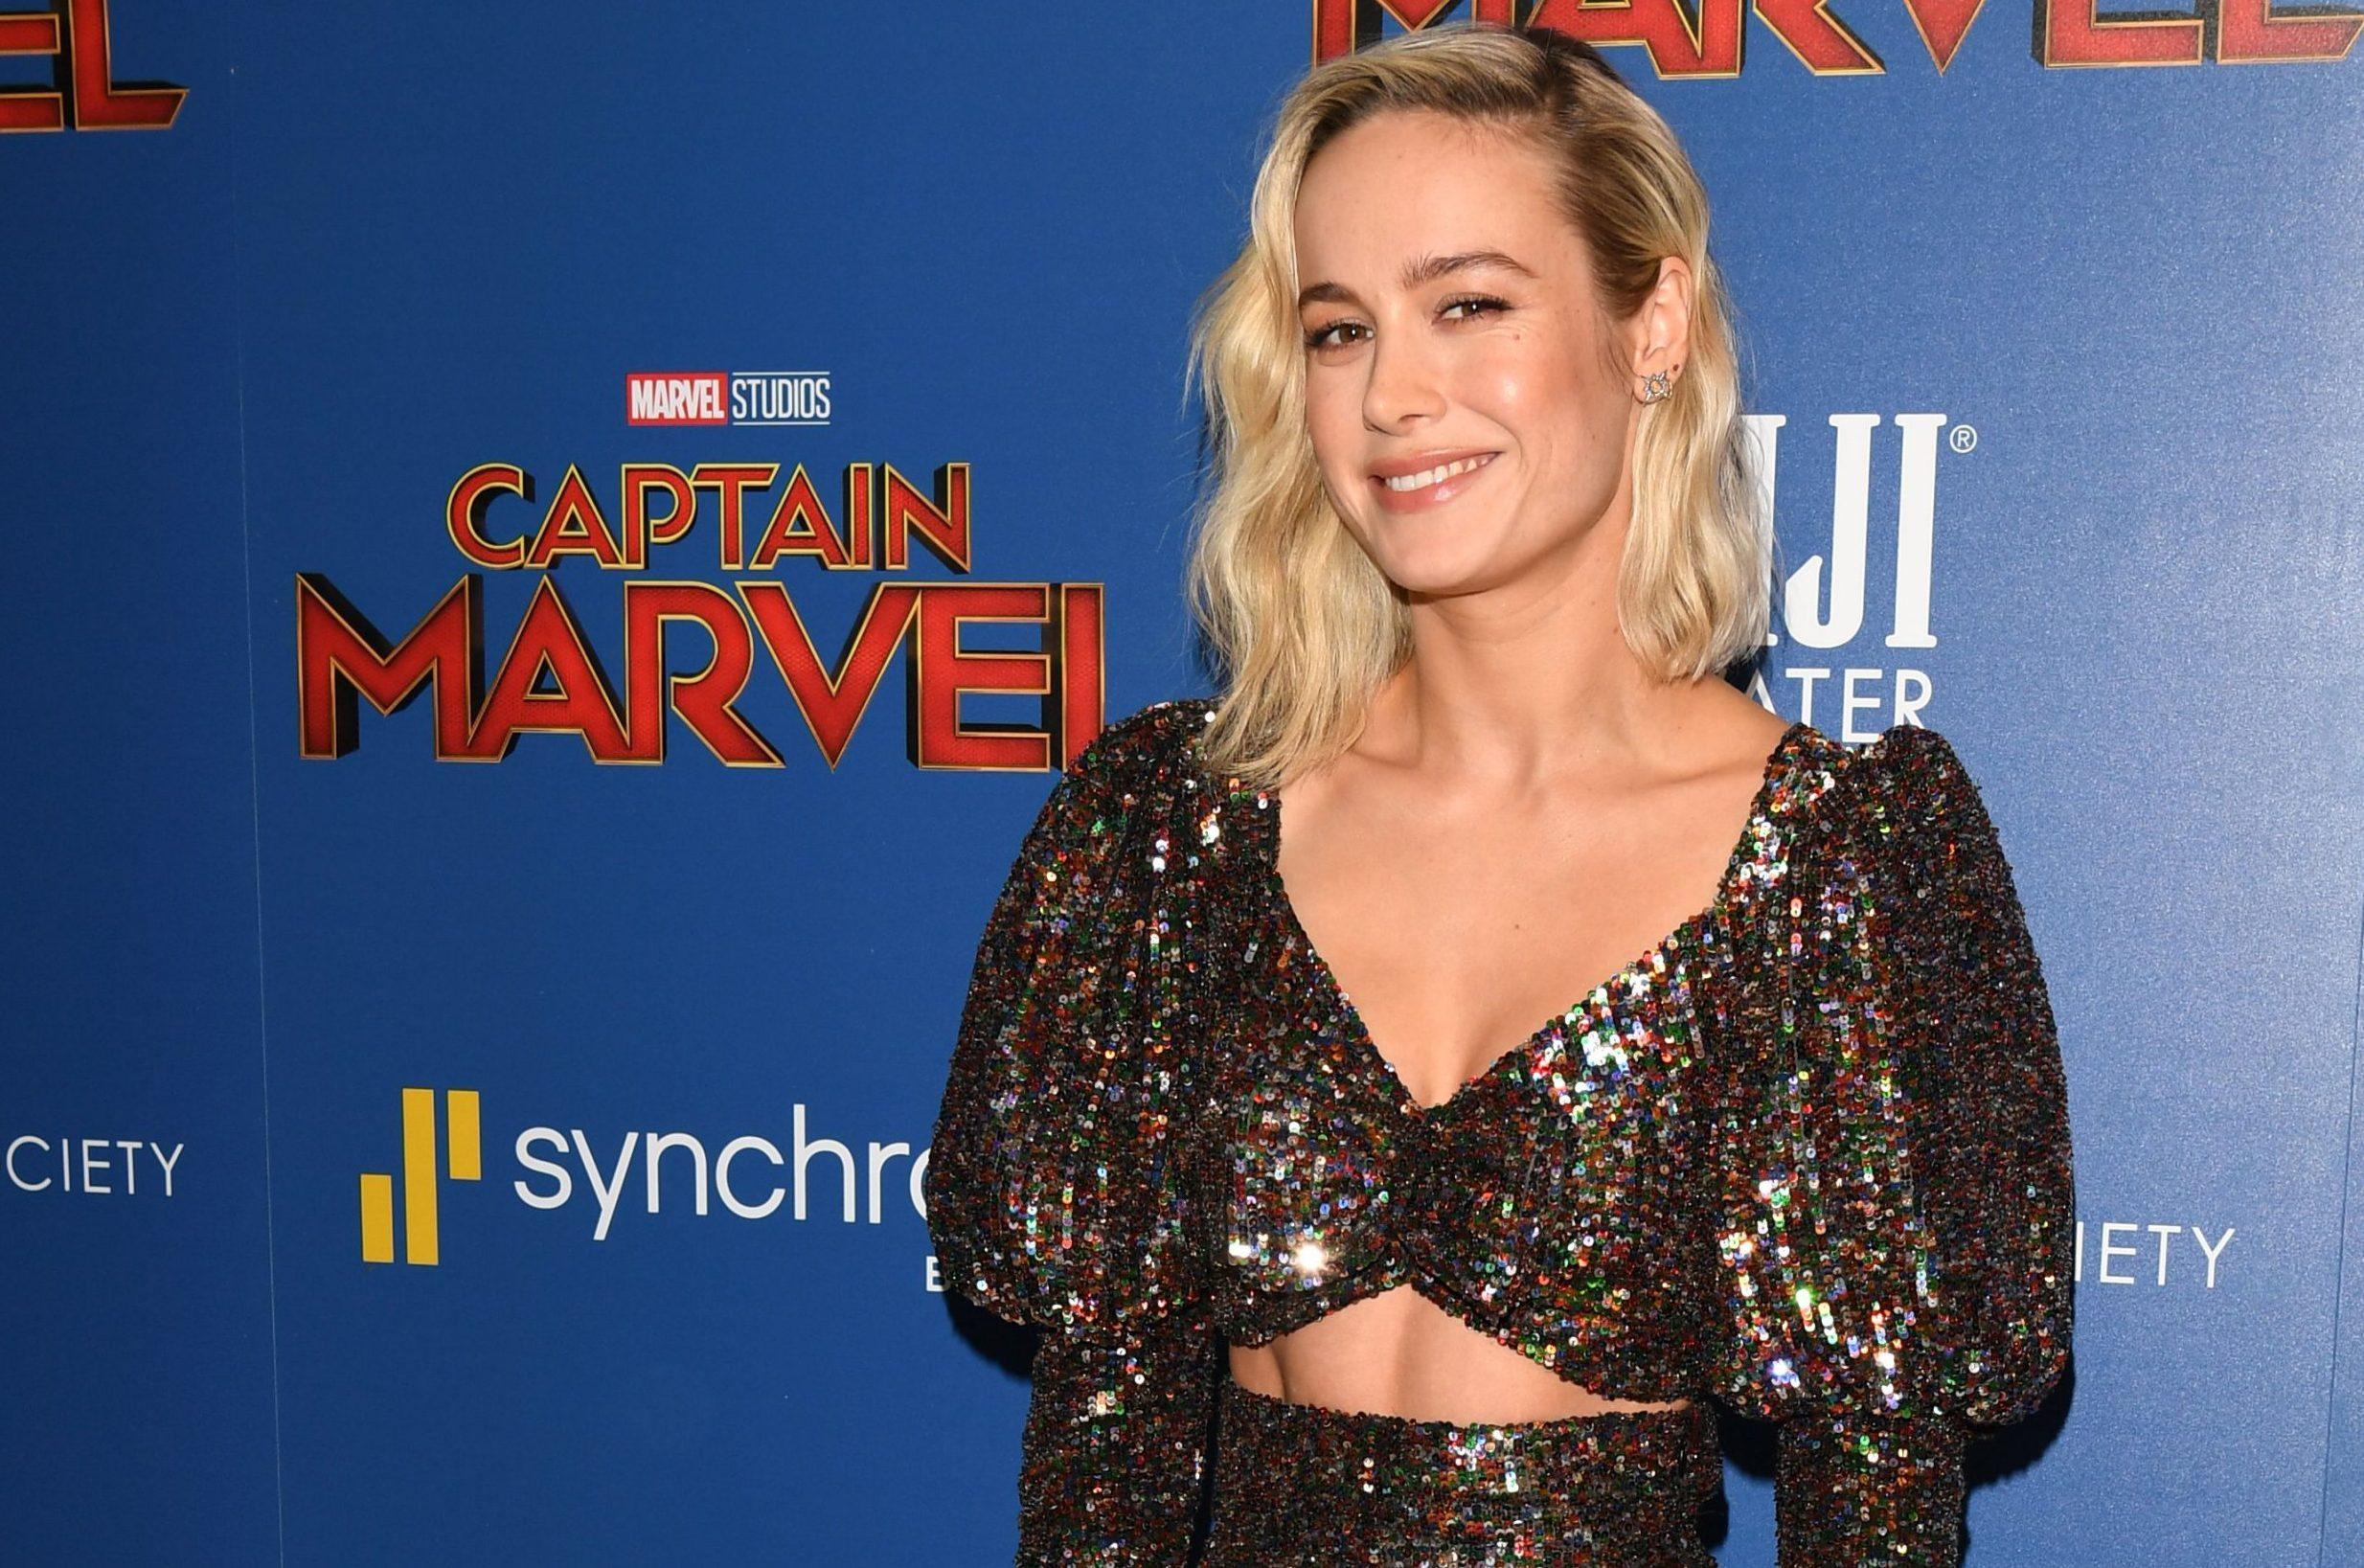 Captain Marvel star Brie Larson's career from Scott Pilgrim vs. the World to Avengers: Endgame